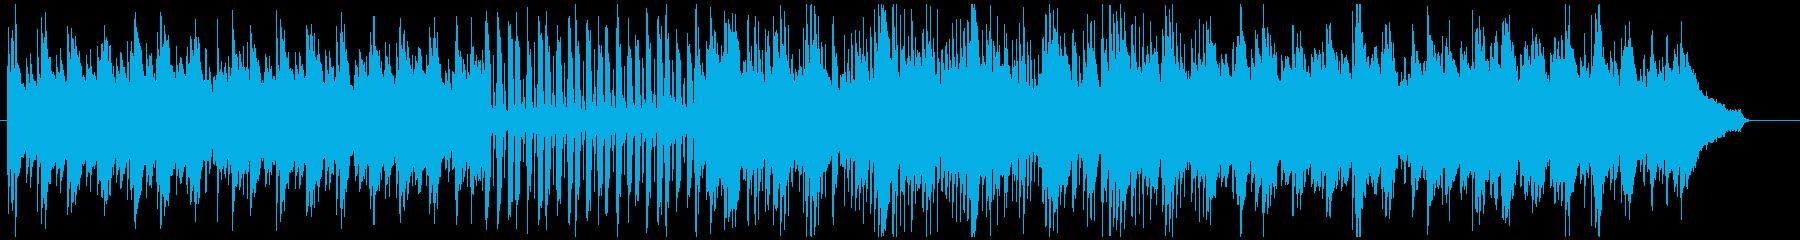 すがすがしい朝のアコギBGMの再生済みの波形